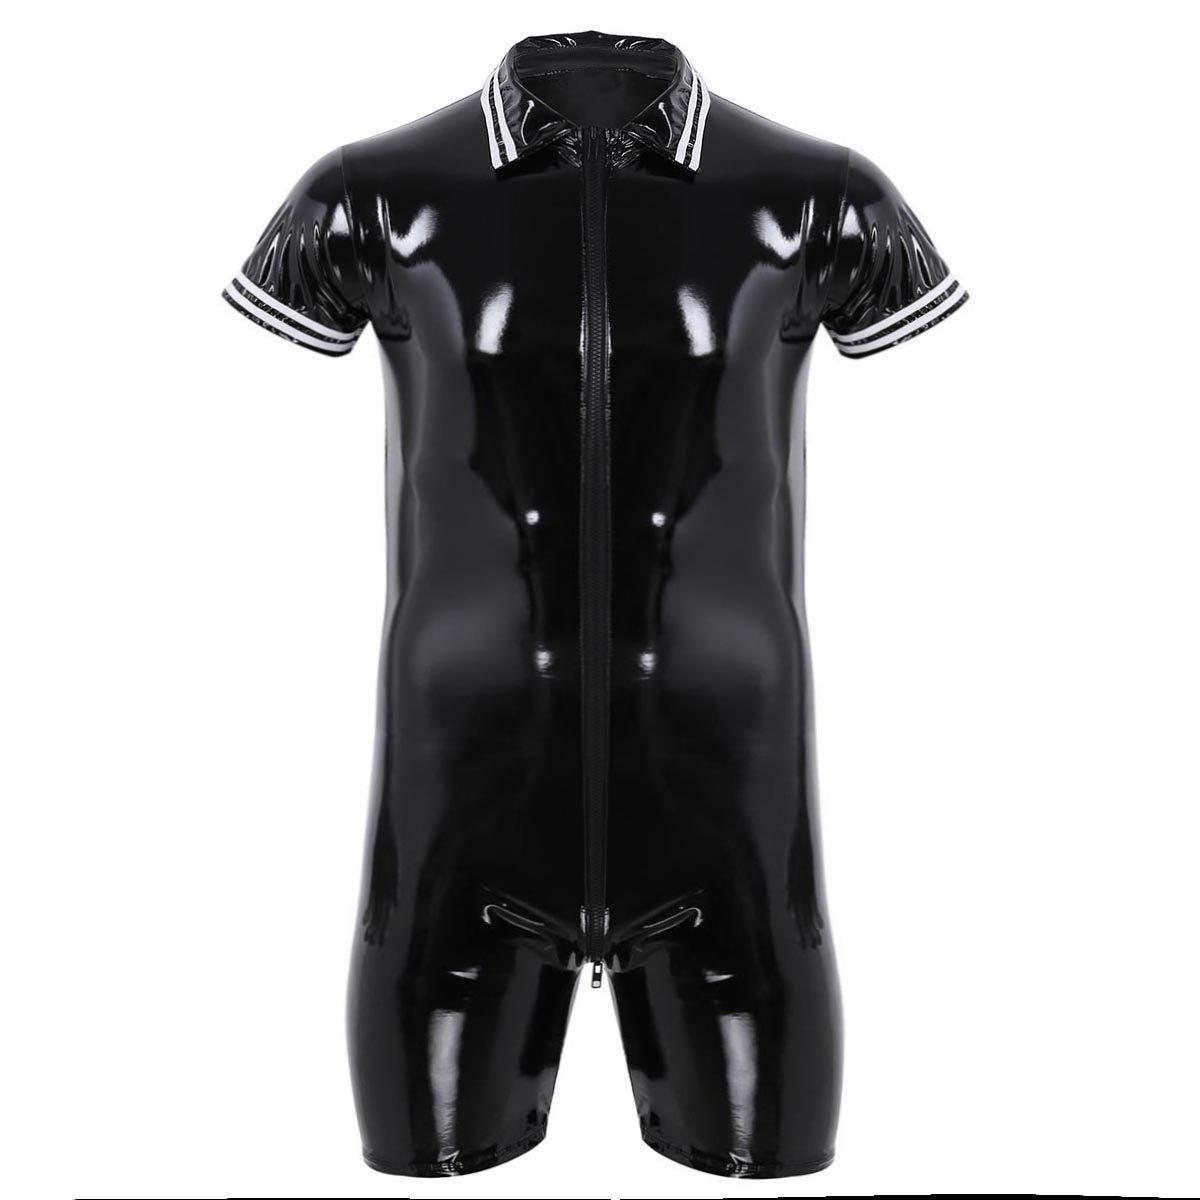 CHICTRY Men's Lapel Shiny Metallic Wrestling Singlet Boyleg Leotard Bodysuit Swimsuit Black XX-Large